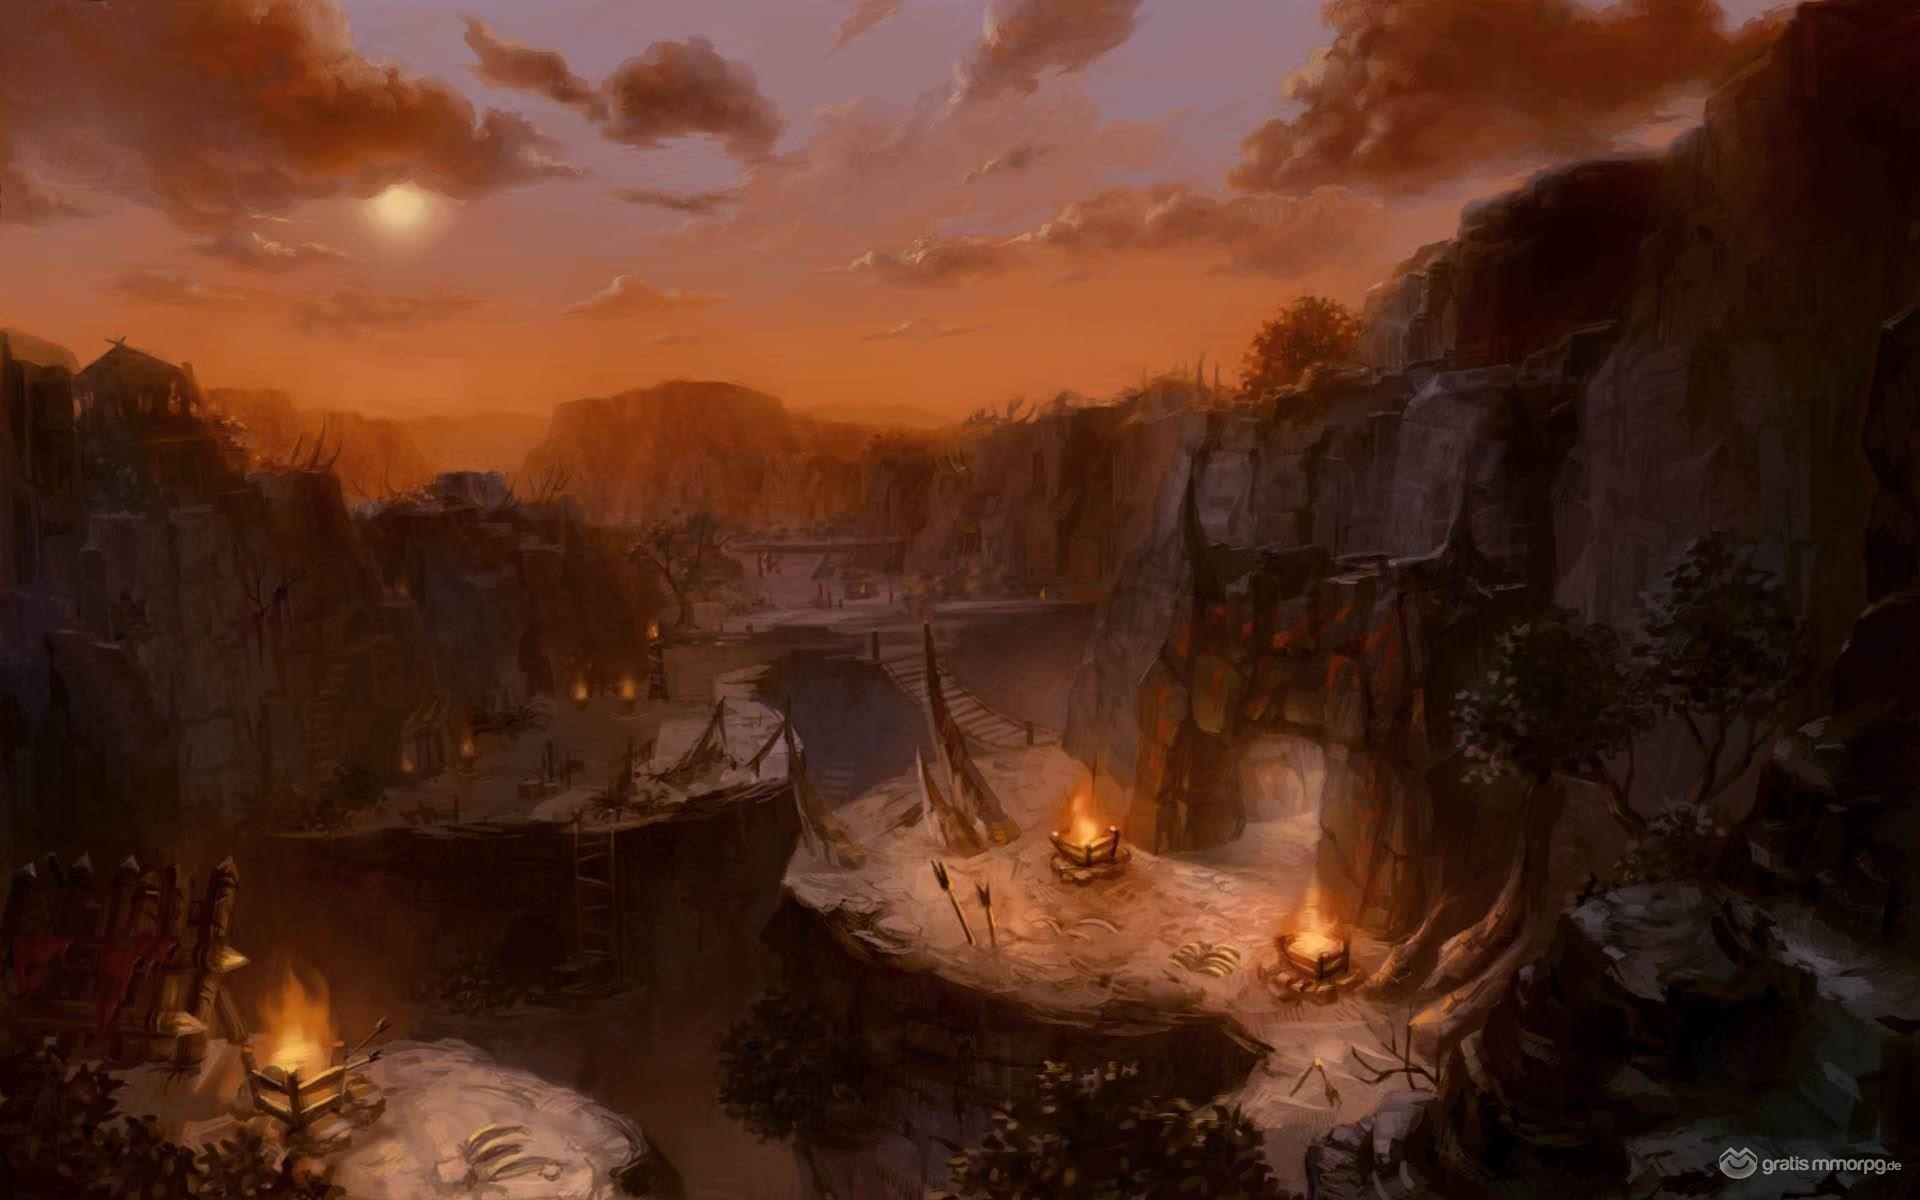 Klicke auf die Grafik für eine größere AnsichtName:Avalon Heroes_Scenario 6_Art.jpgHits:50Größe:137,8 KBID:5280